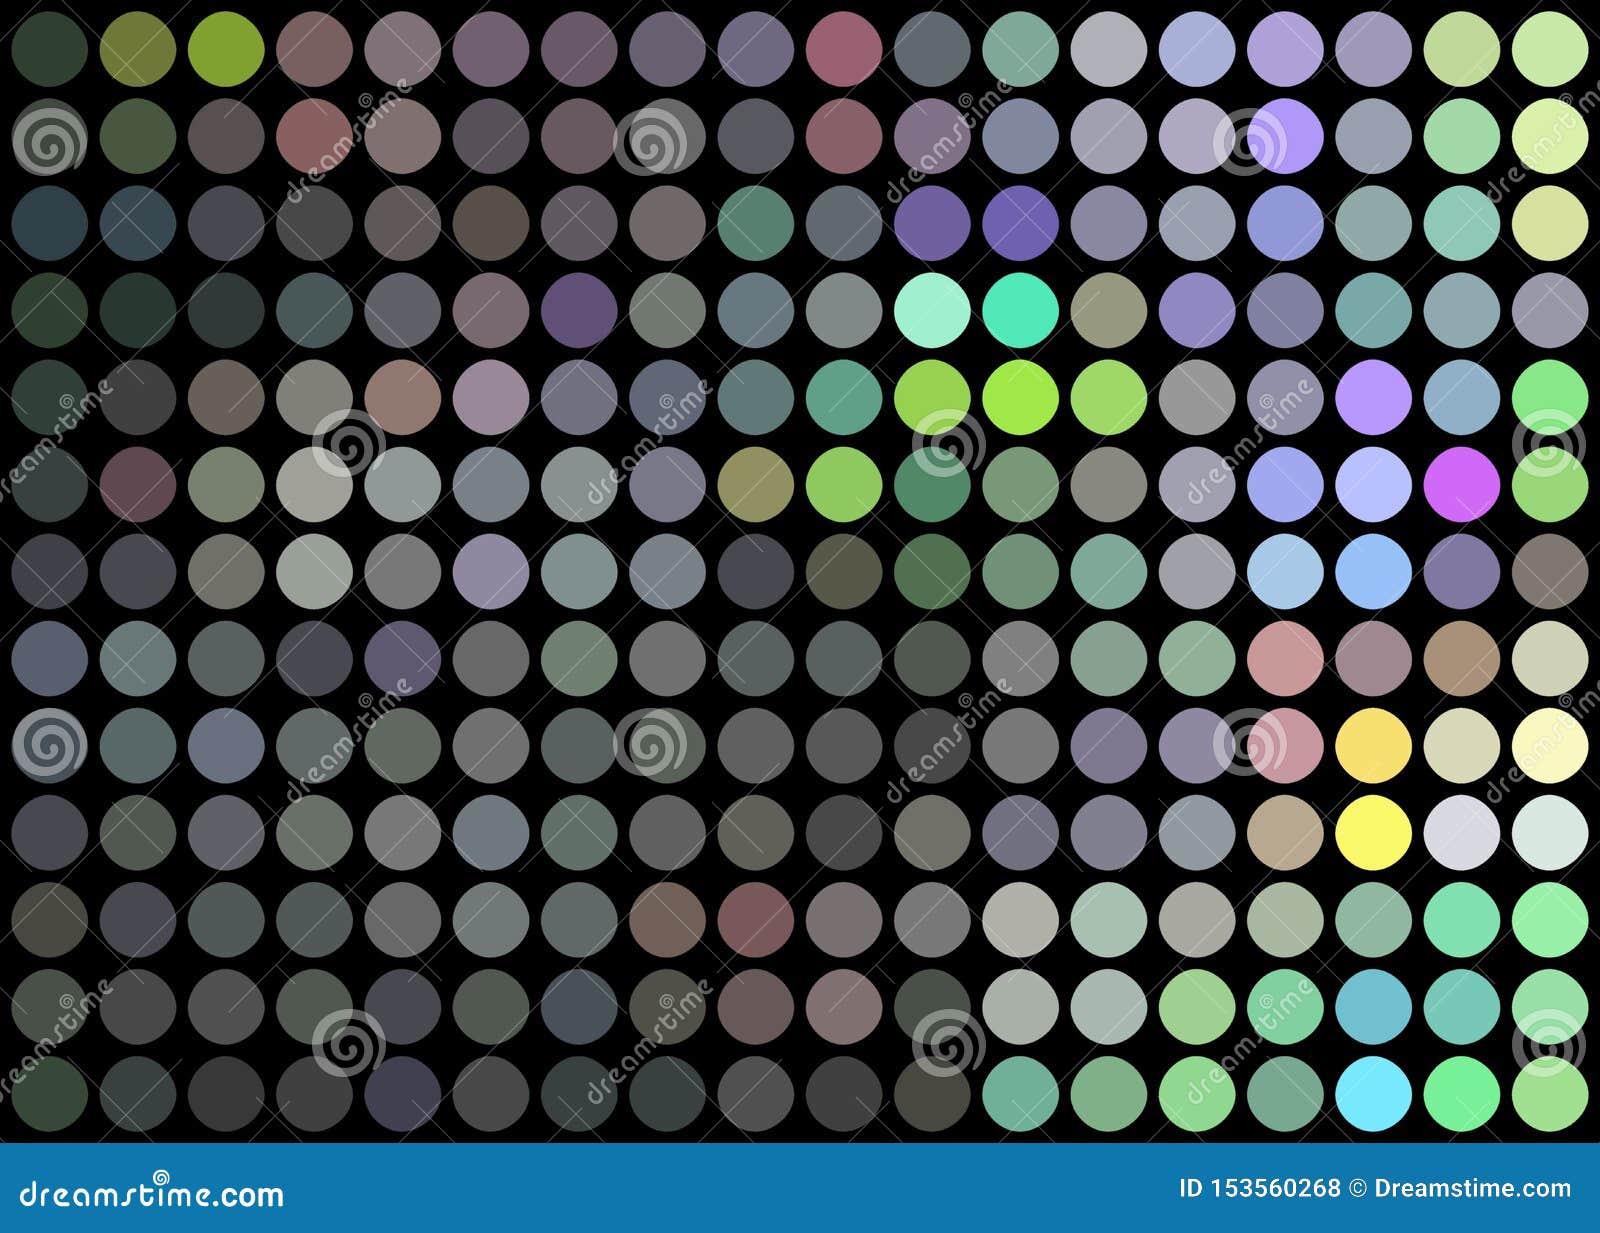 Голографическая предпосылка диско мозаики металла Shimmer серая голубая зеленая картина точек